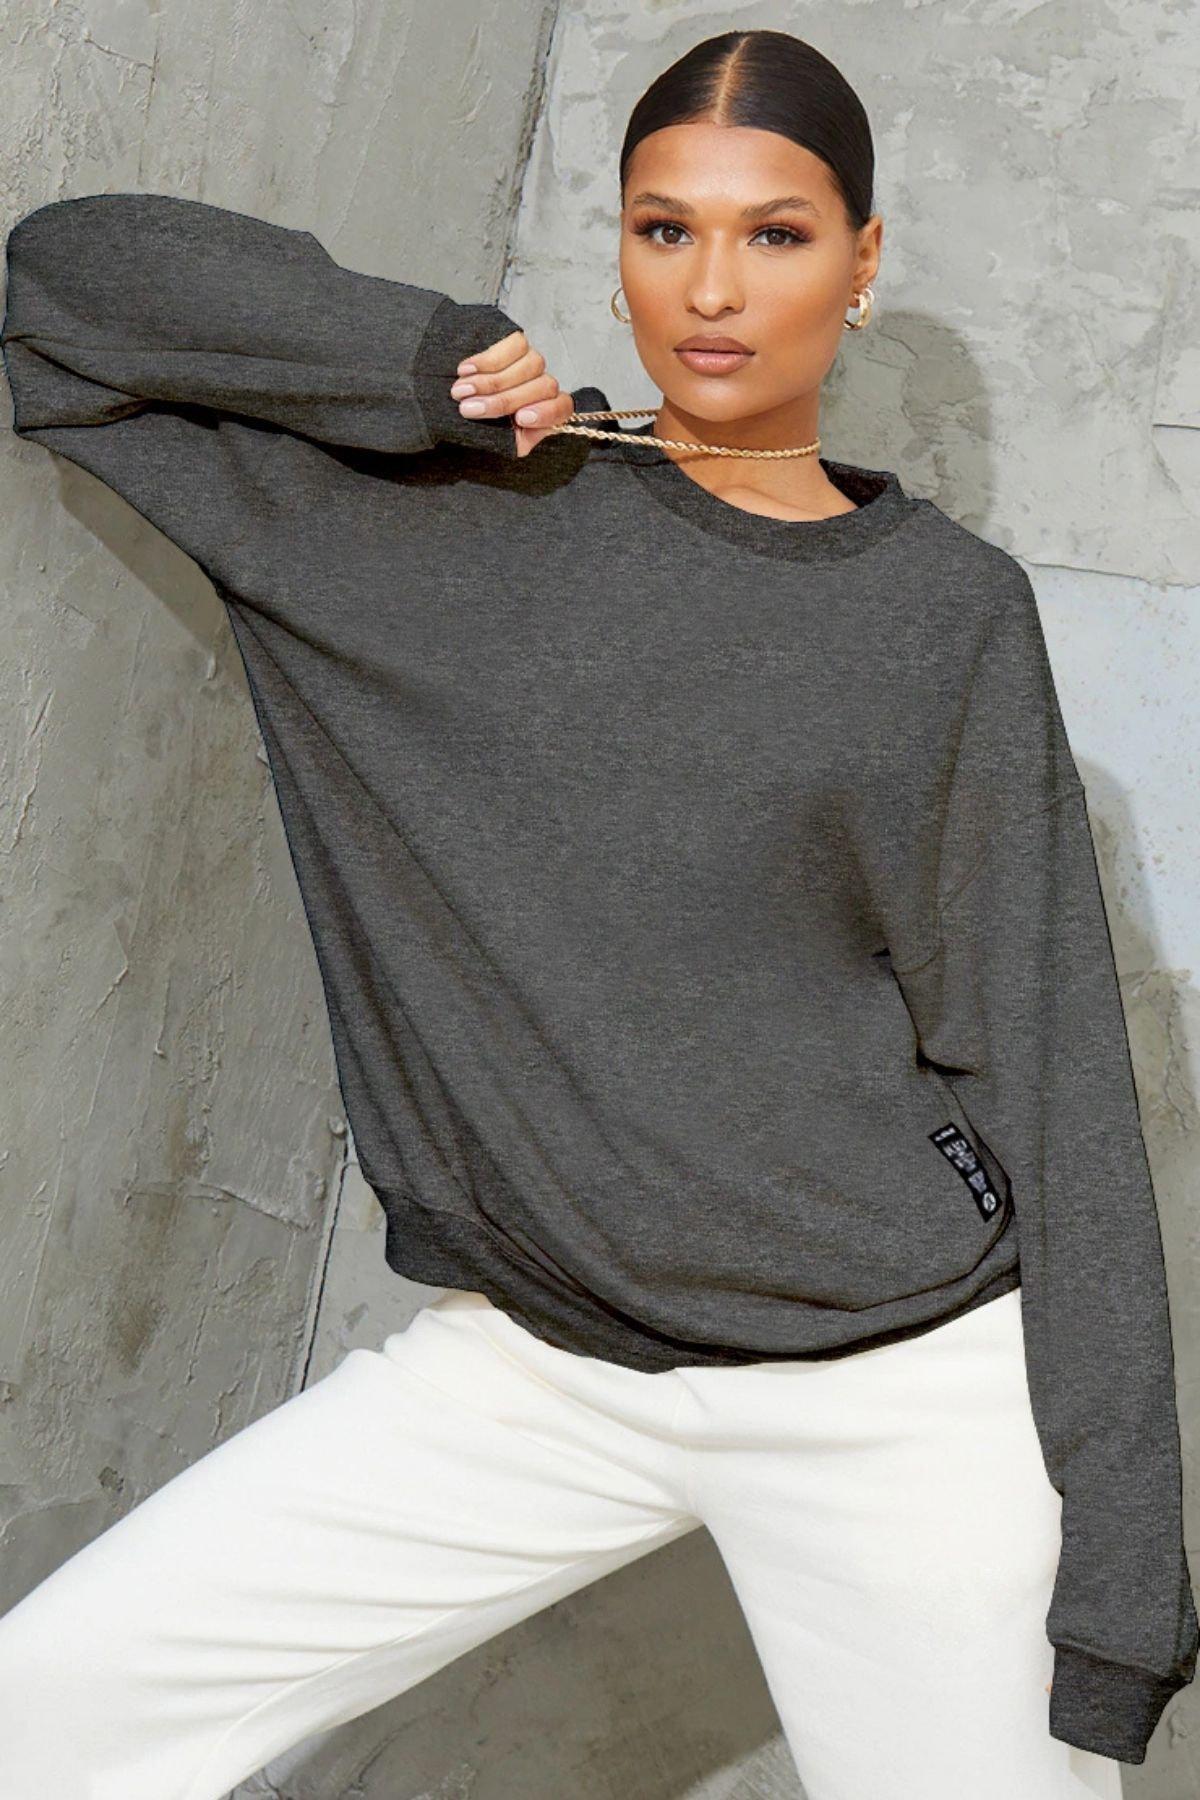 Millionaire Kadın Antrasit Basic 0 Sıfır Yaka Baskısız Düz Oversize Salaş Bol Kesim Polar Sweatshirt 1